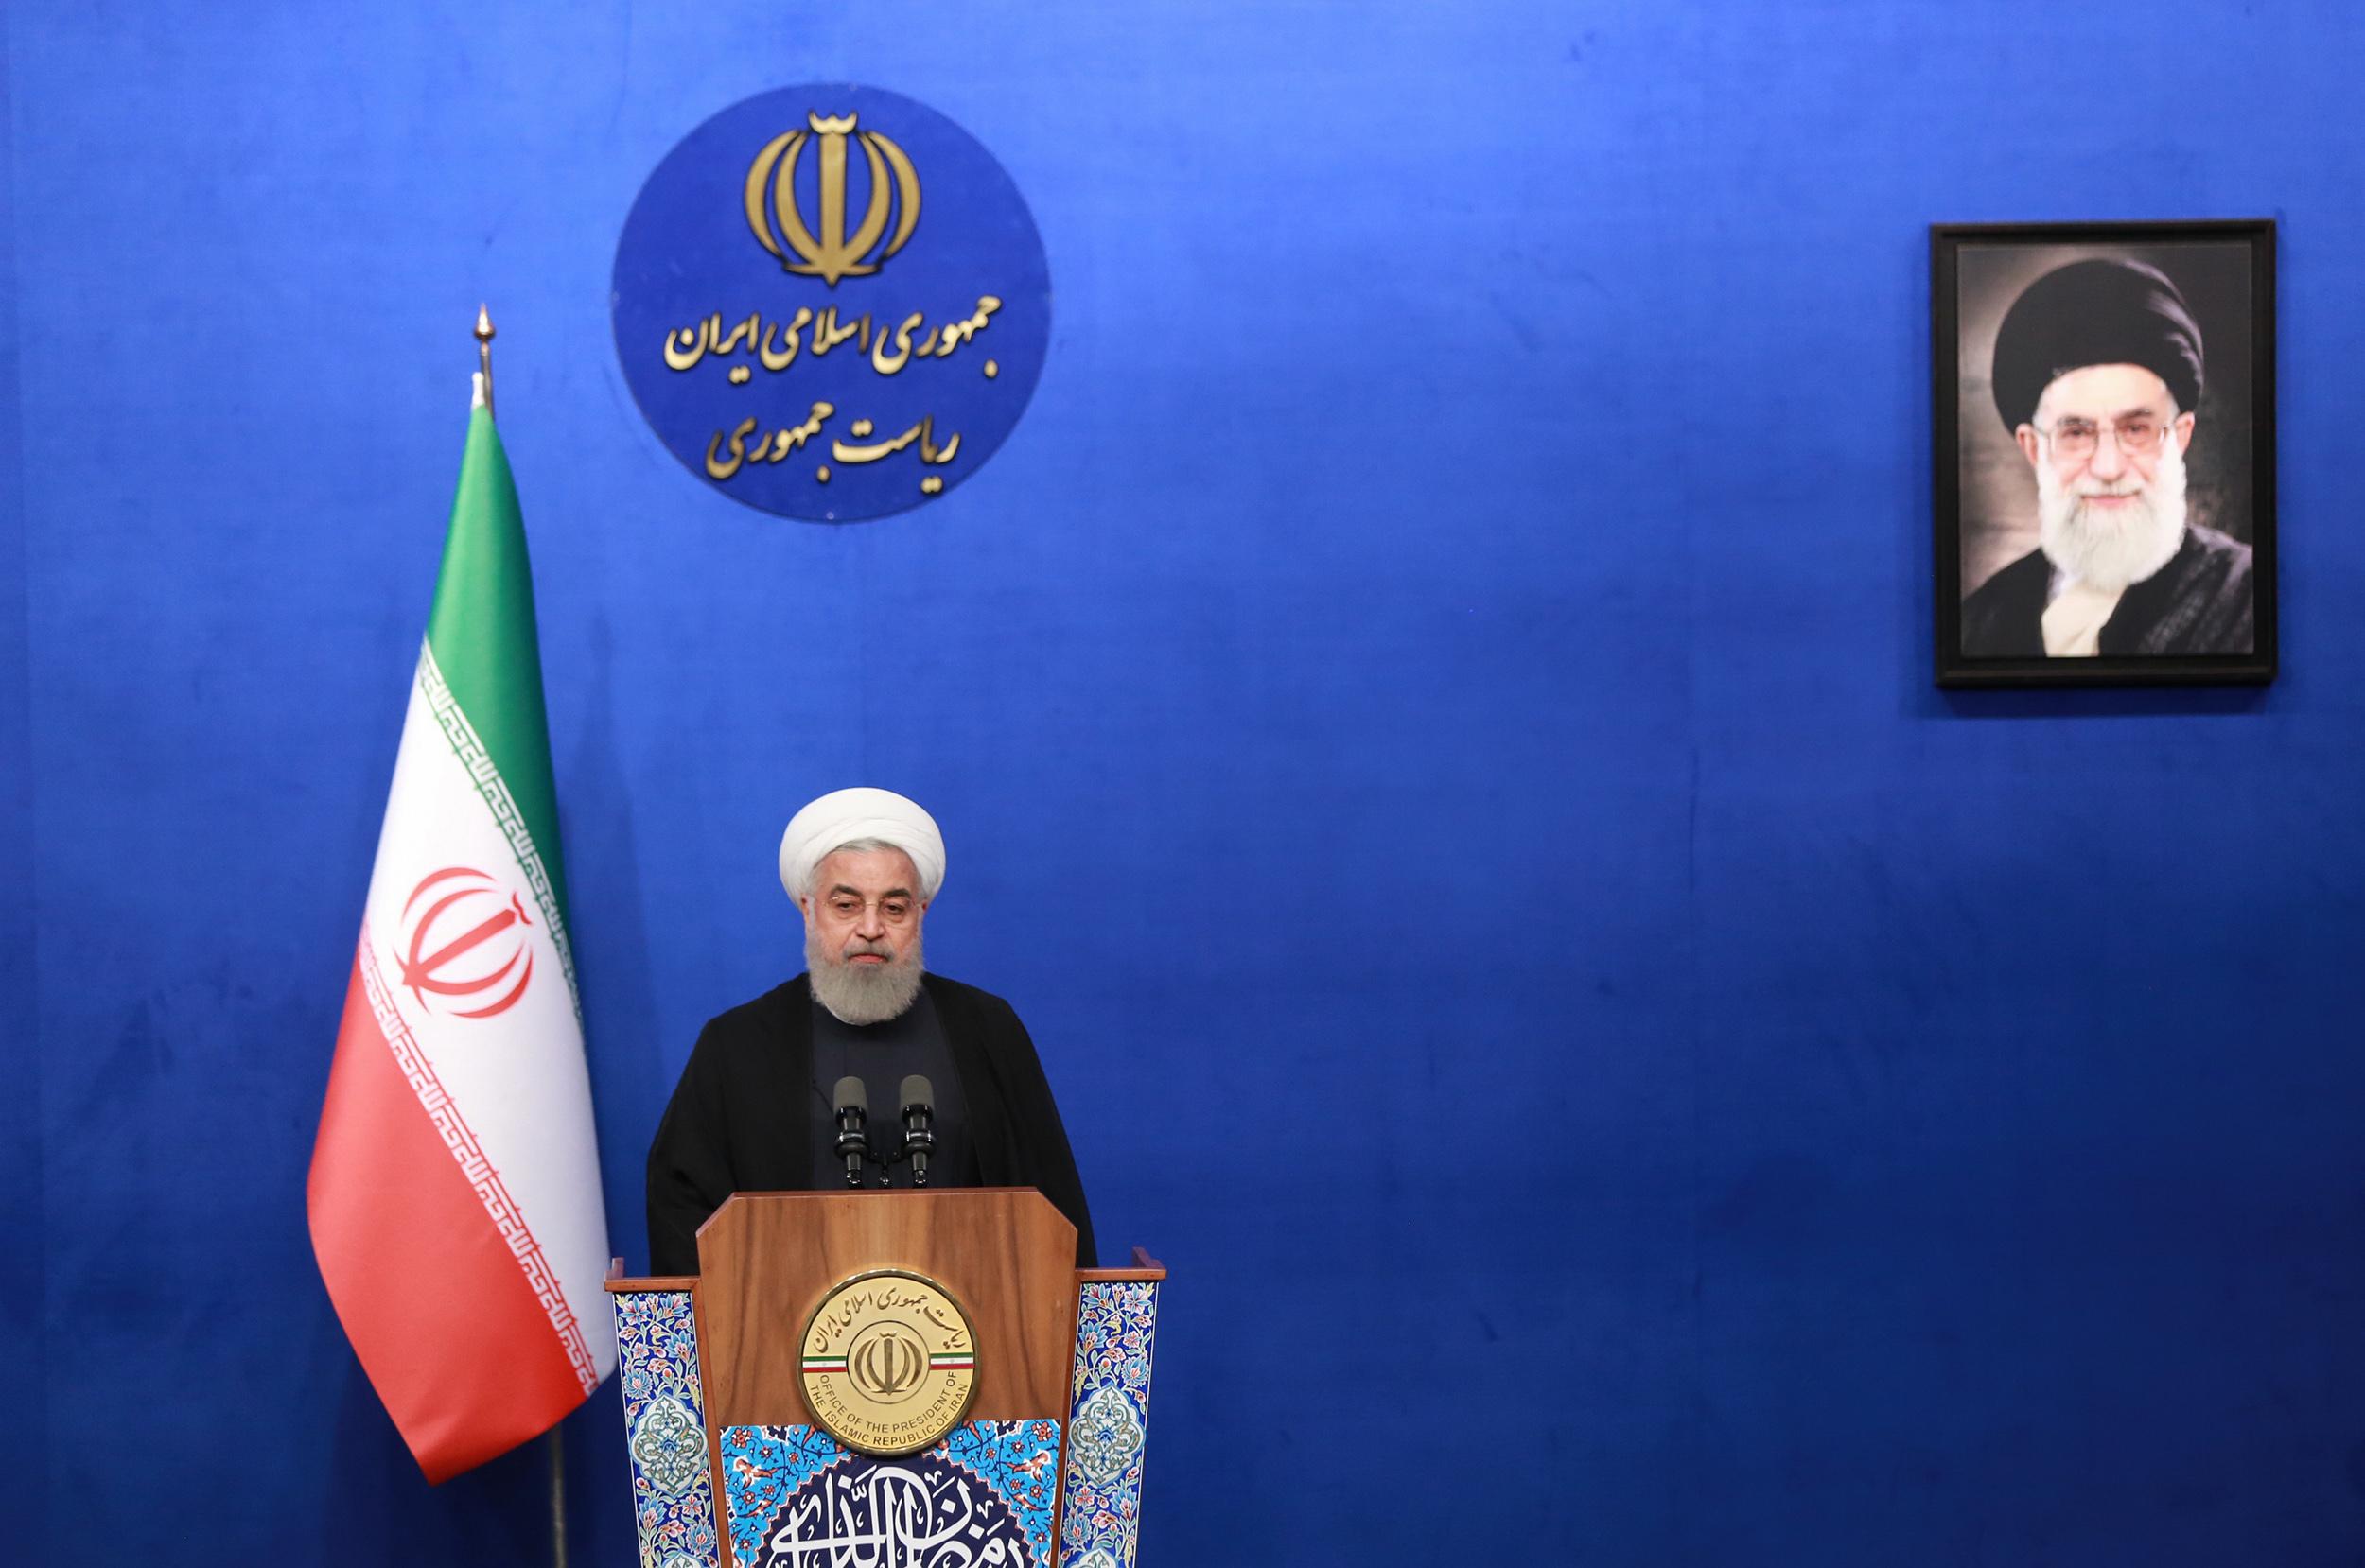 روحانی: مشارکت فعال همه اقوام و مذاهب در امور کشور، تصمیم این دولت و نظام است